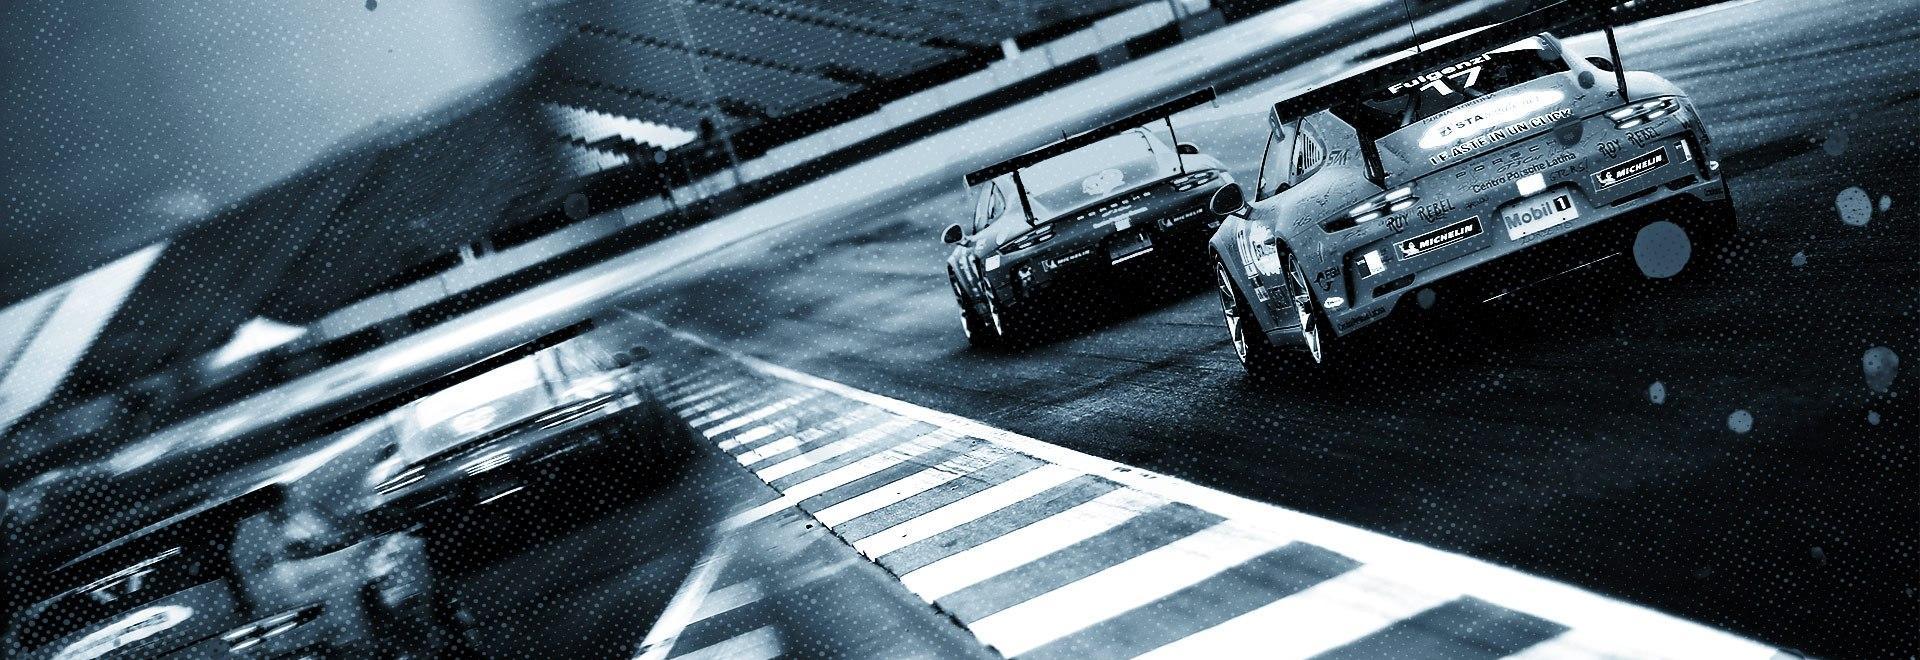 Monza. Round 11 Race 1